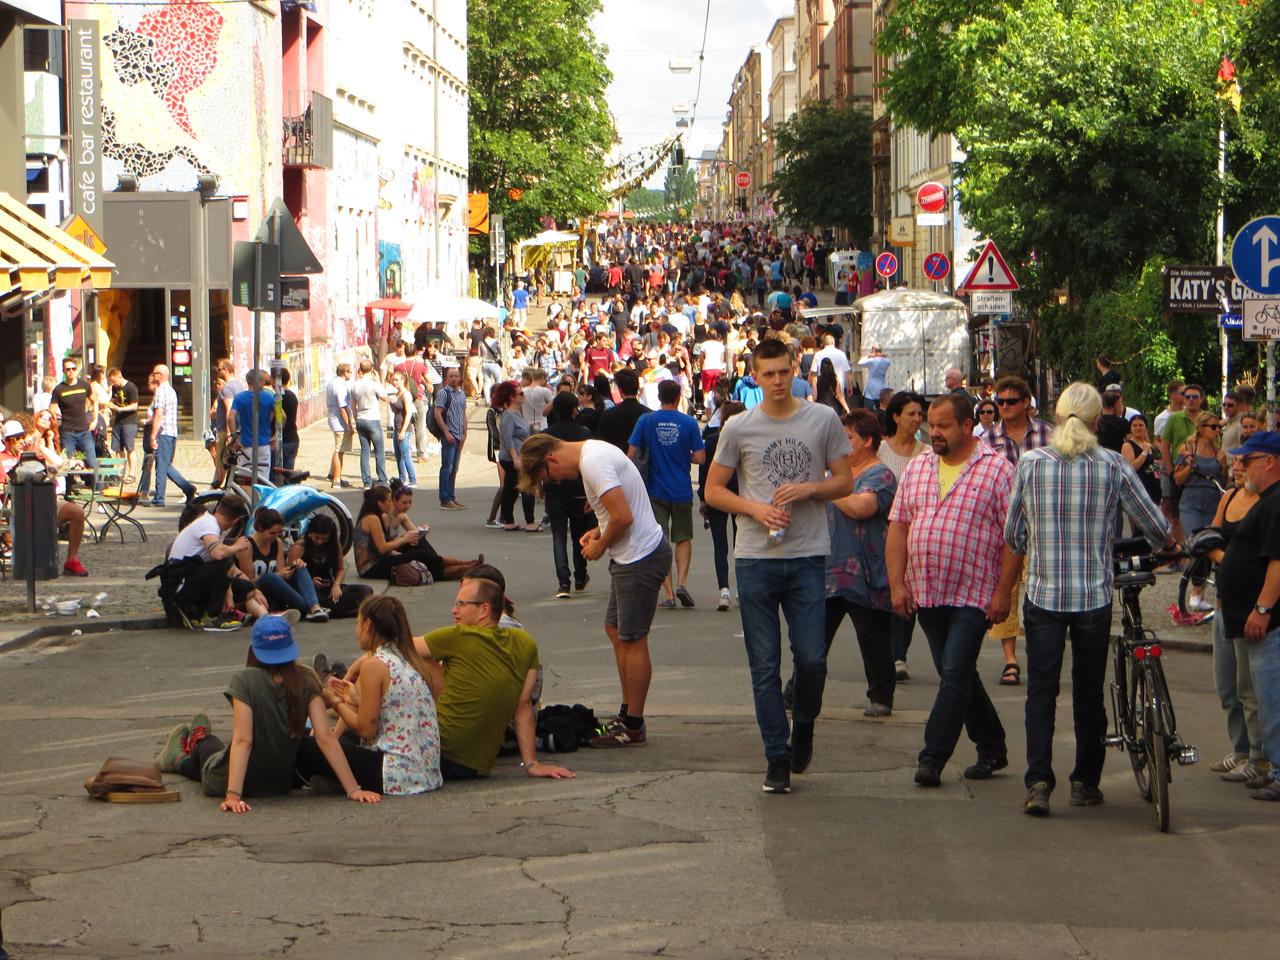 Gekkos In Der Innenstadt Jugend öko Haus Wird 25 Campus Zeitung Caz